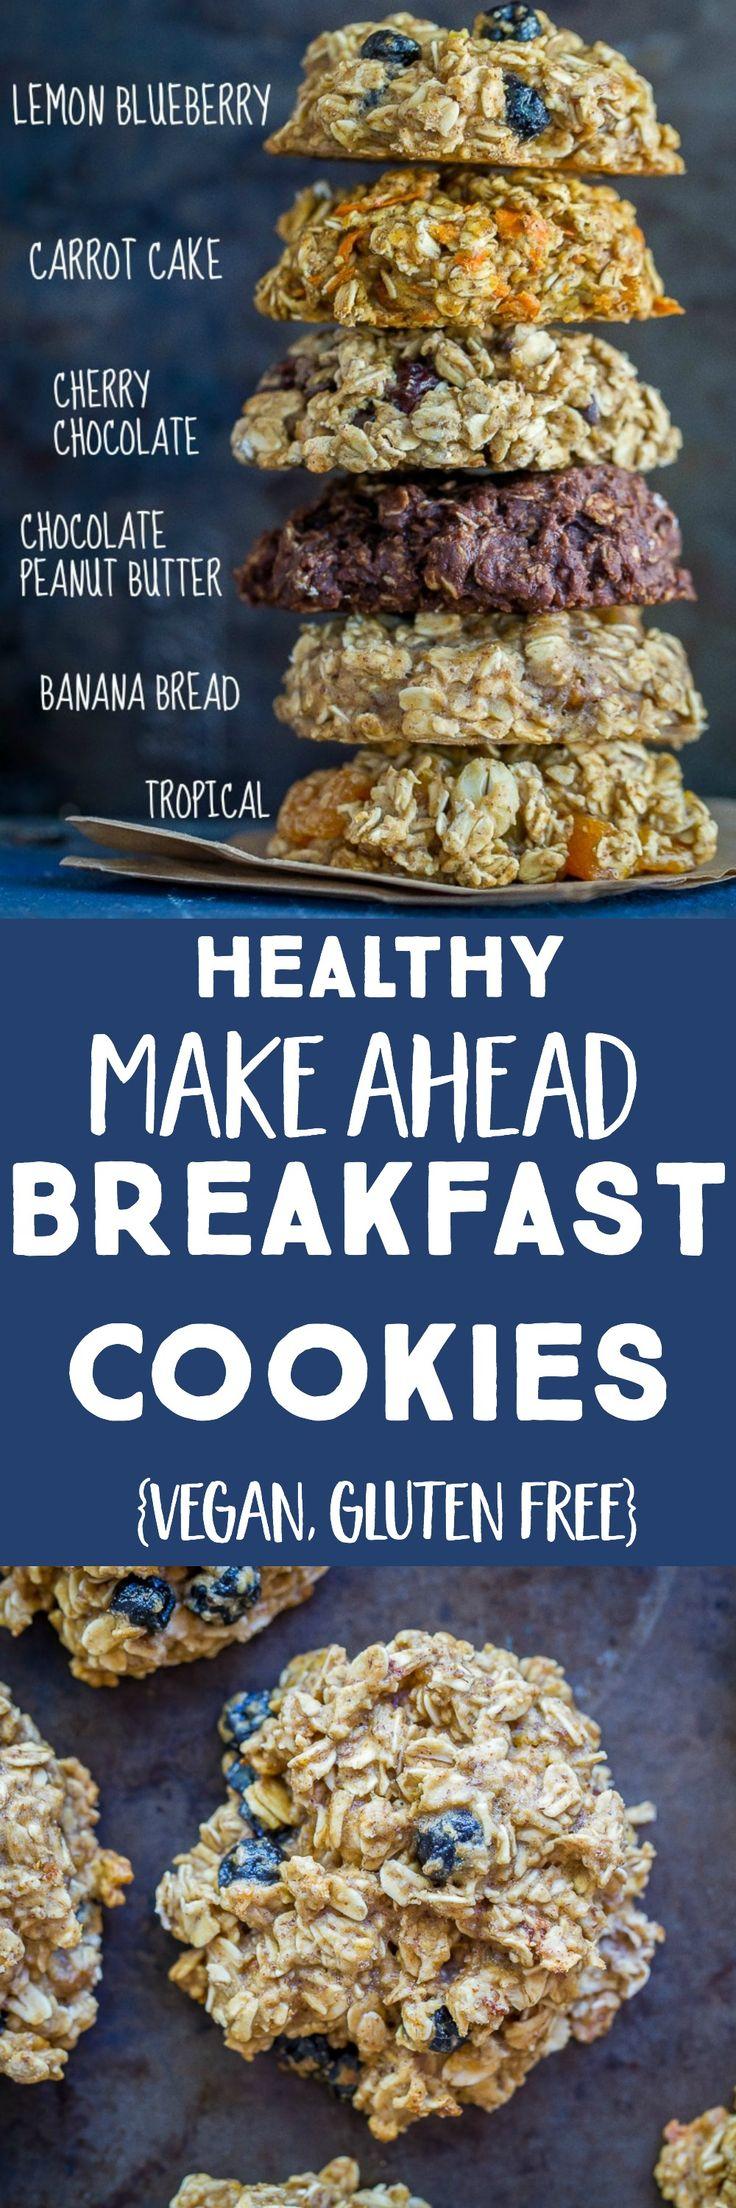 Healthy Make Ahead Breakfast Cookies